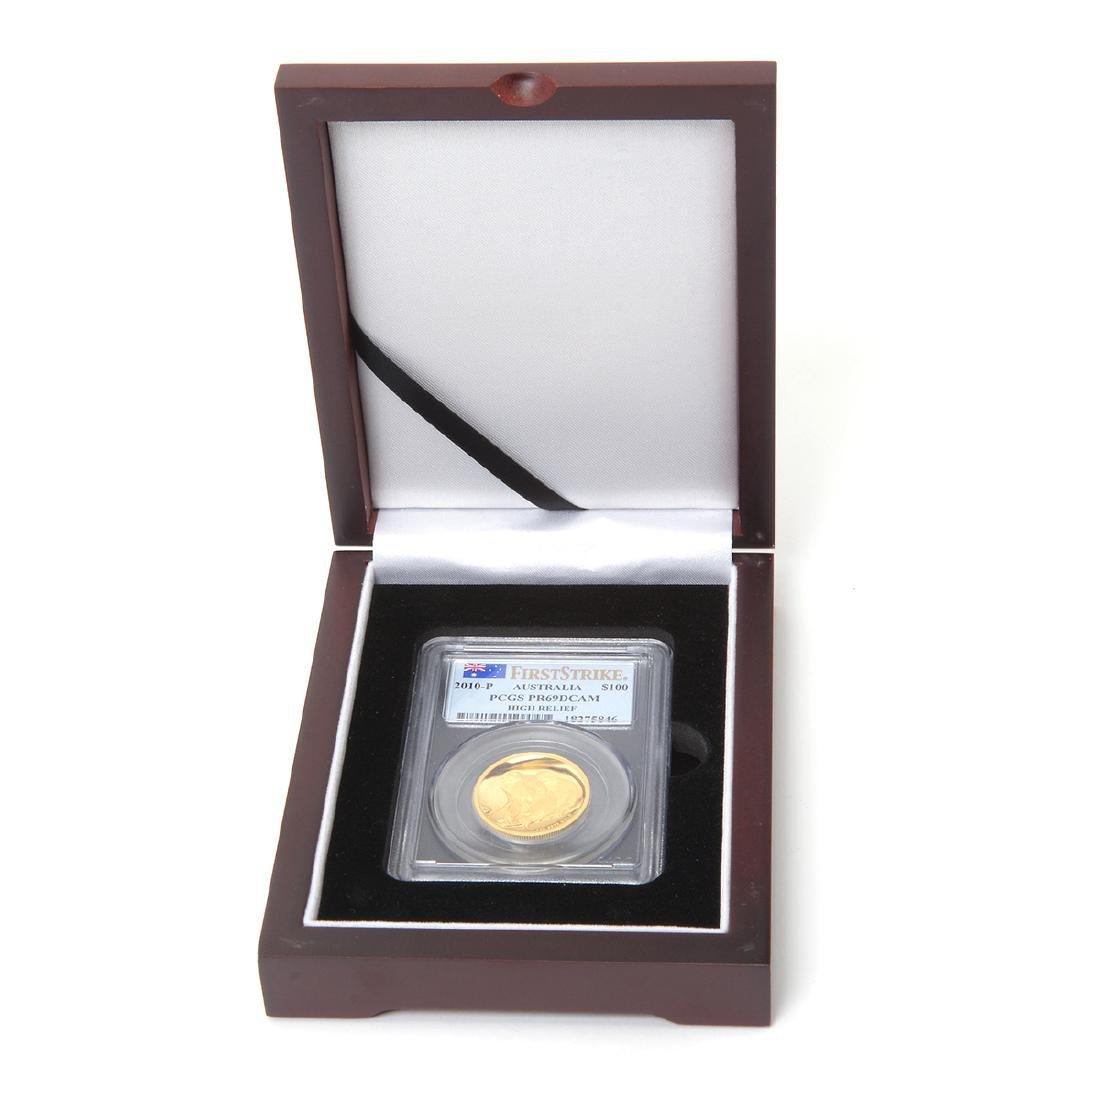 2010P Australia $100.00 Gold KOALA PCGS PR69 DCAM in